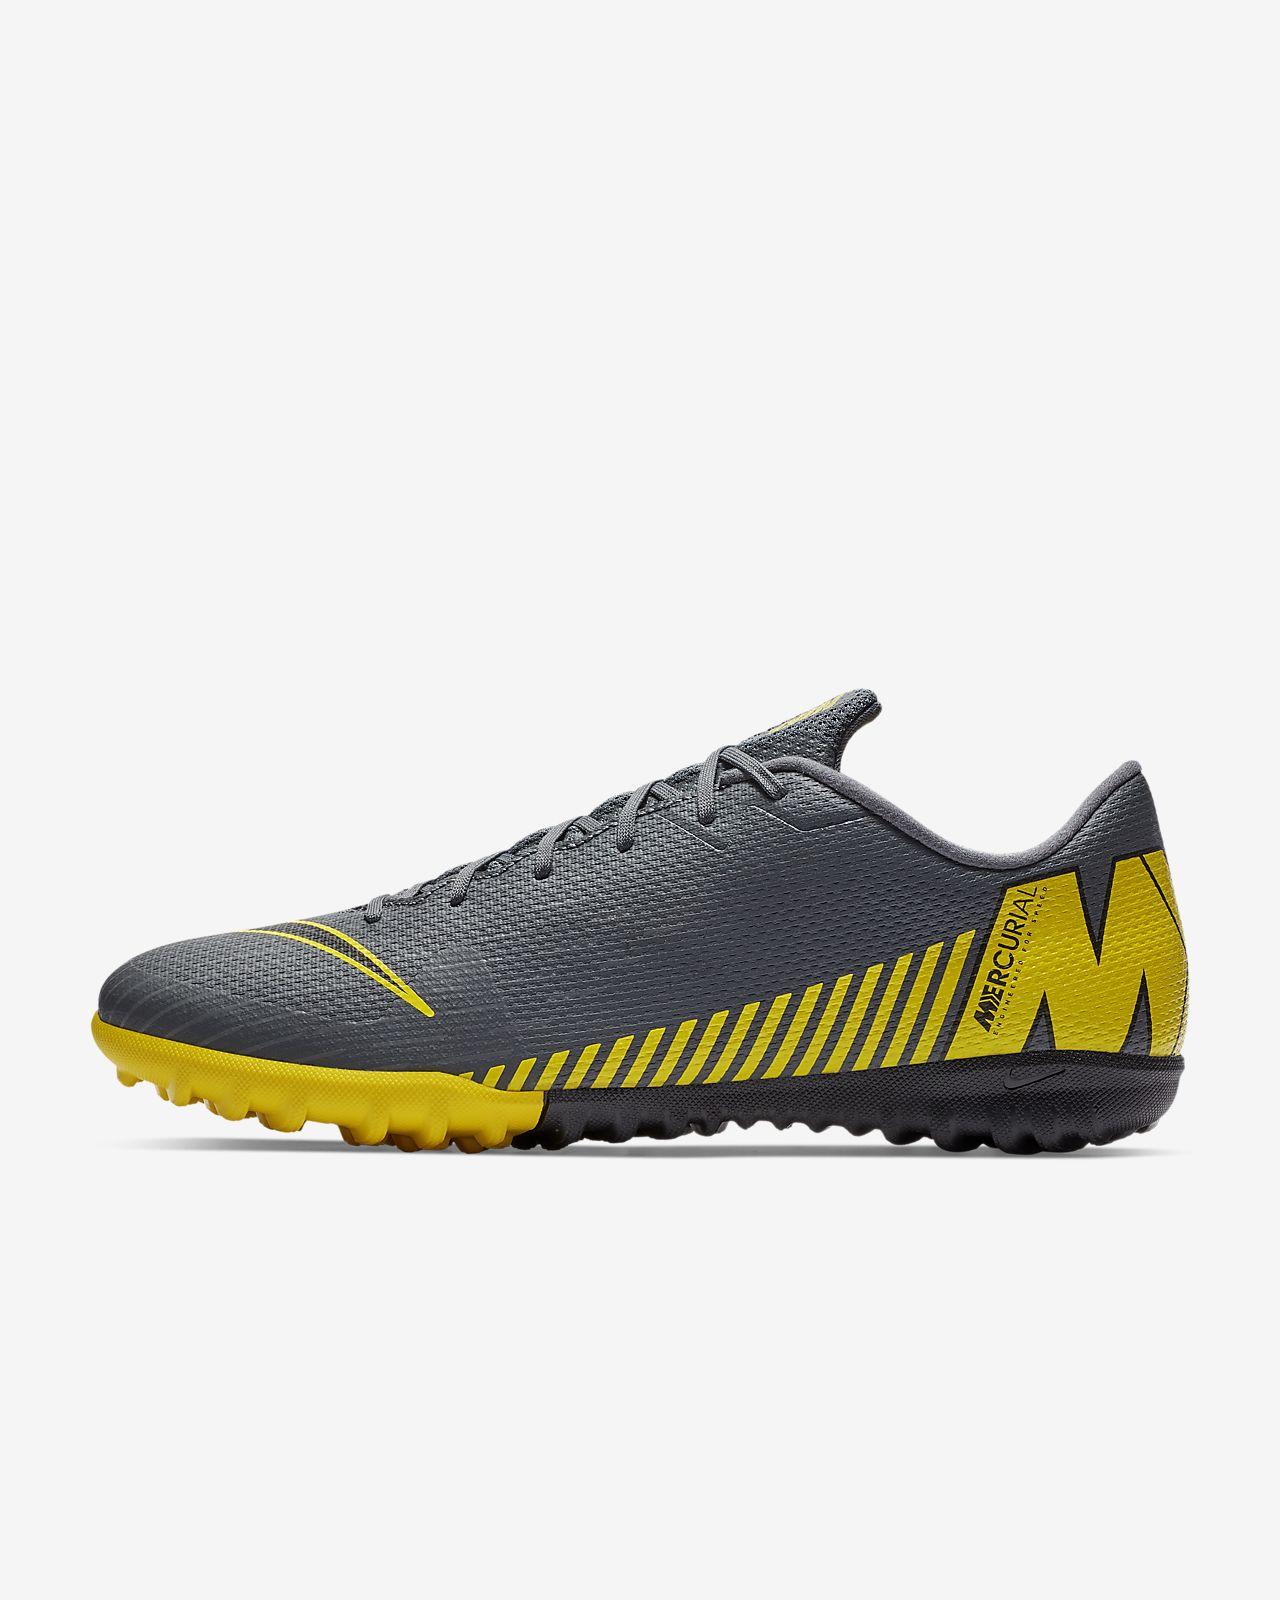 Nike VaporX 12 Academy TF műgyepre készült stoplis futballcipő